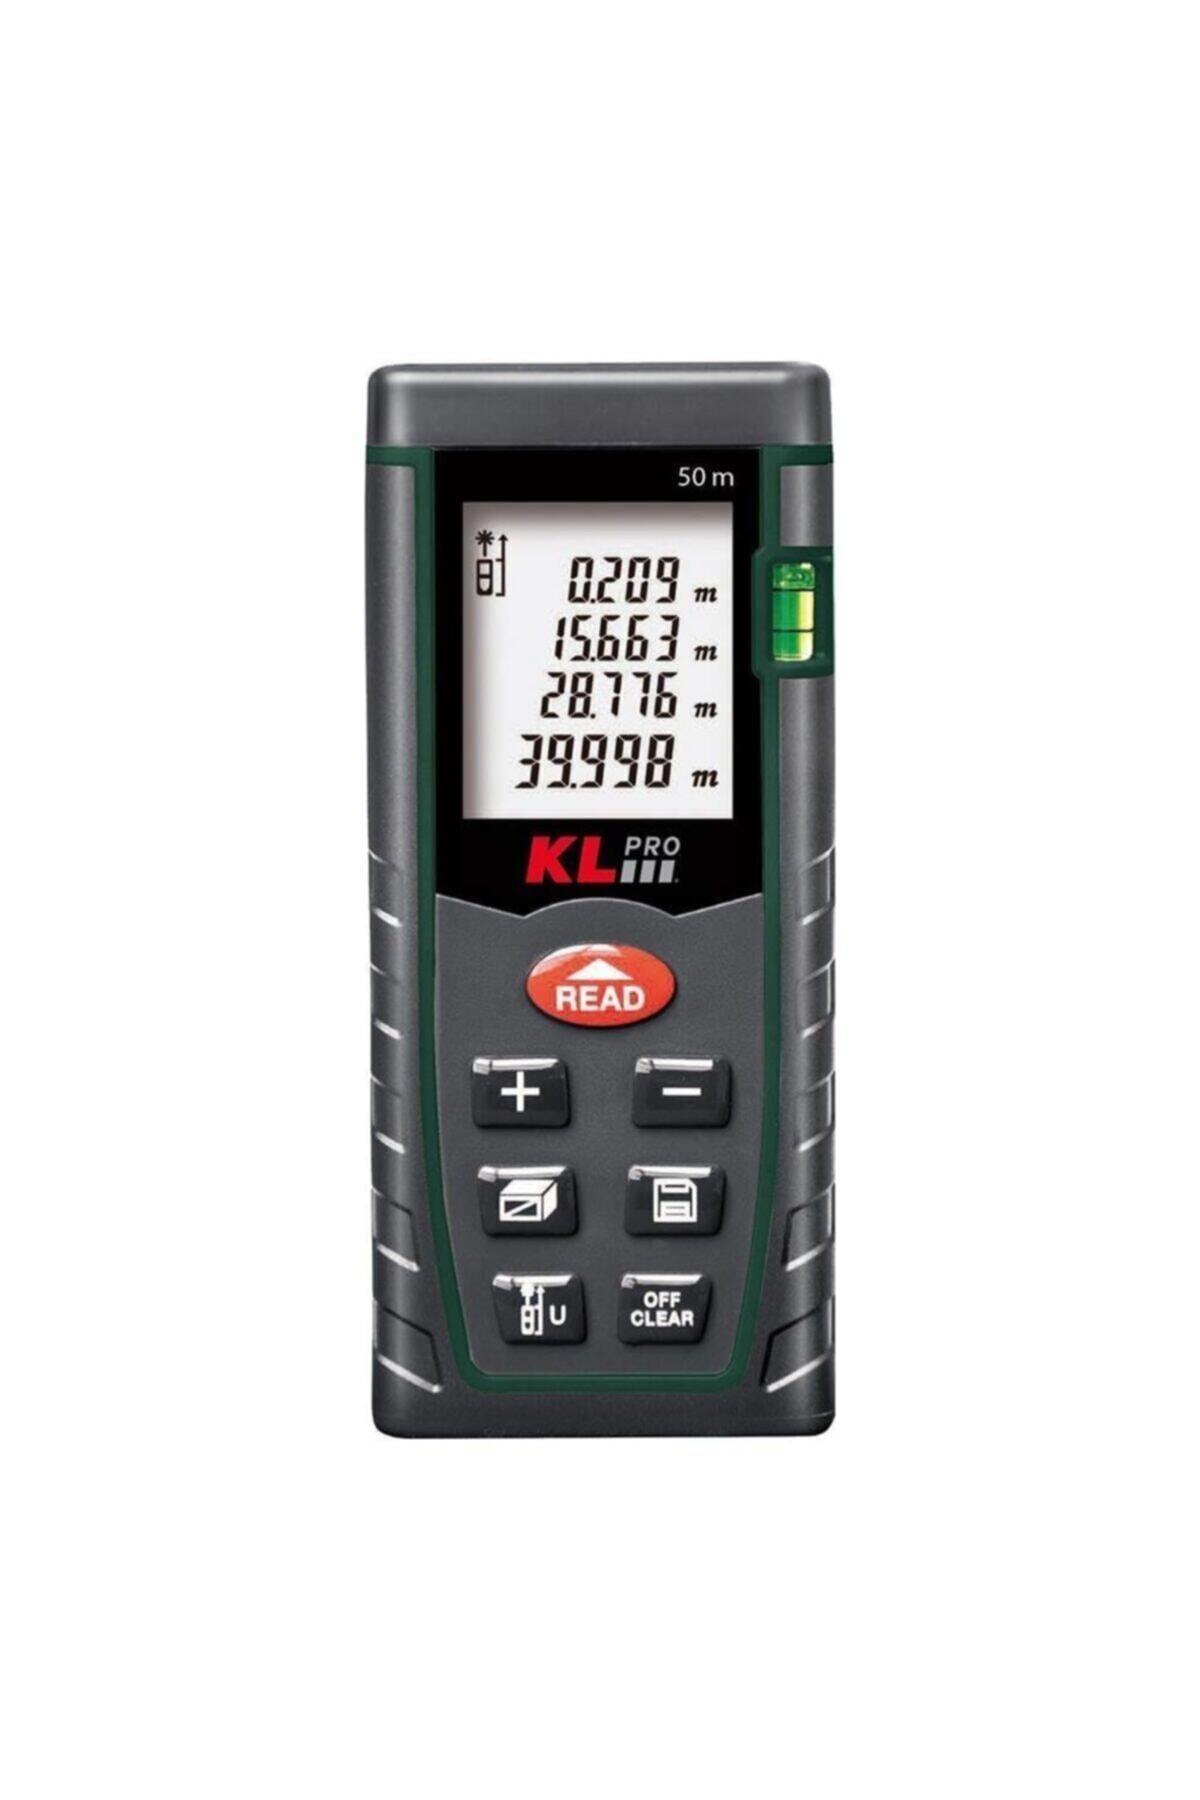 KLPRO Kllzm50 Profesyonel Lazermetre 50 Mt 1